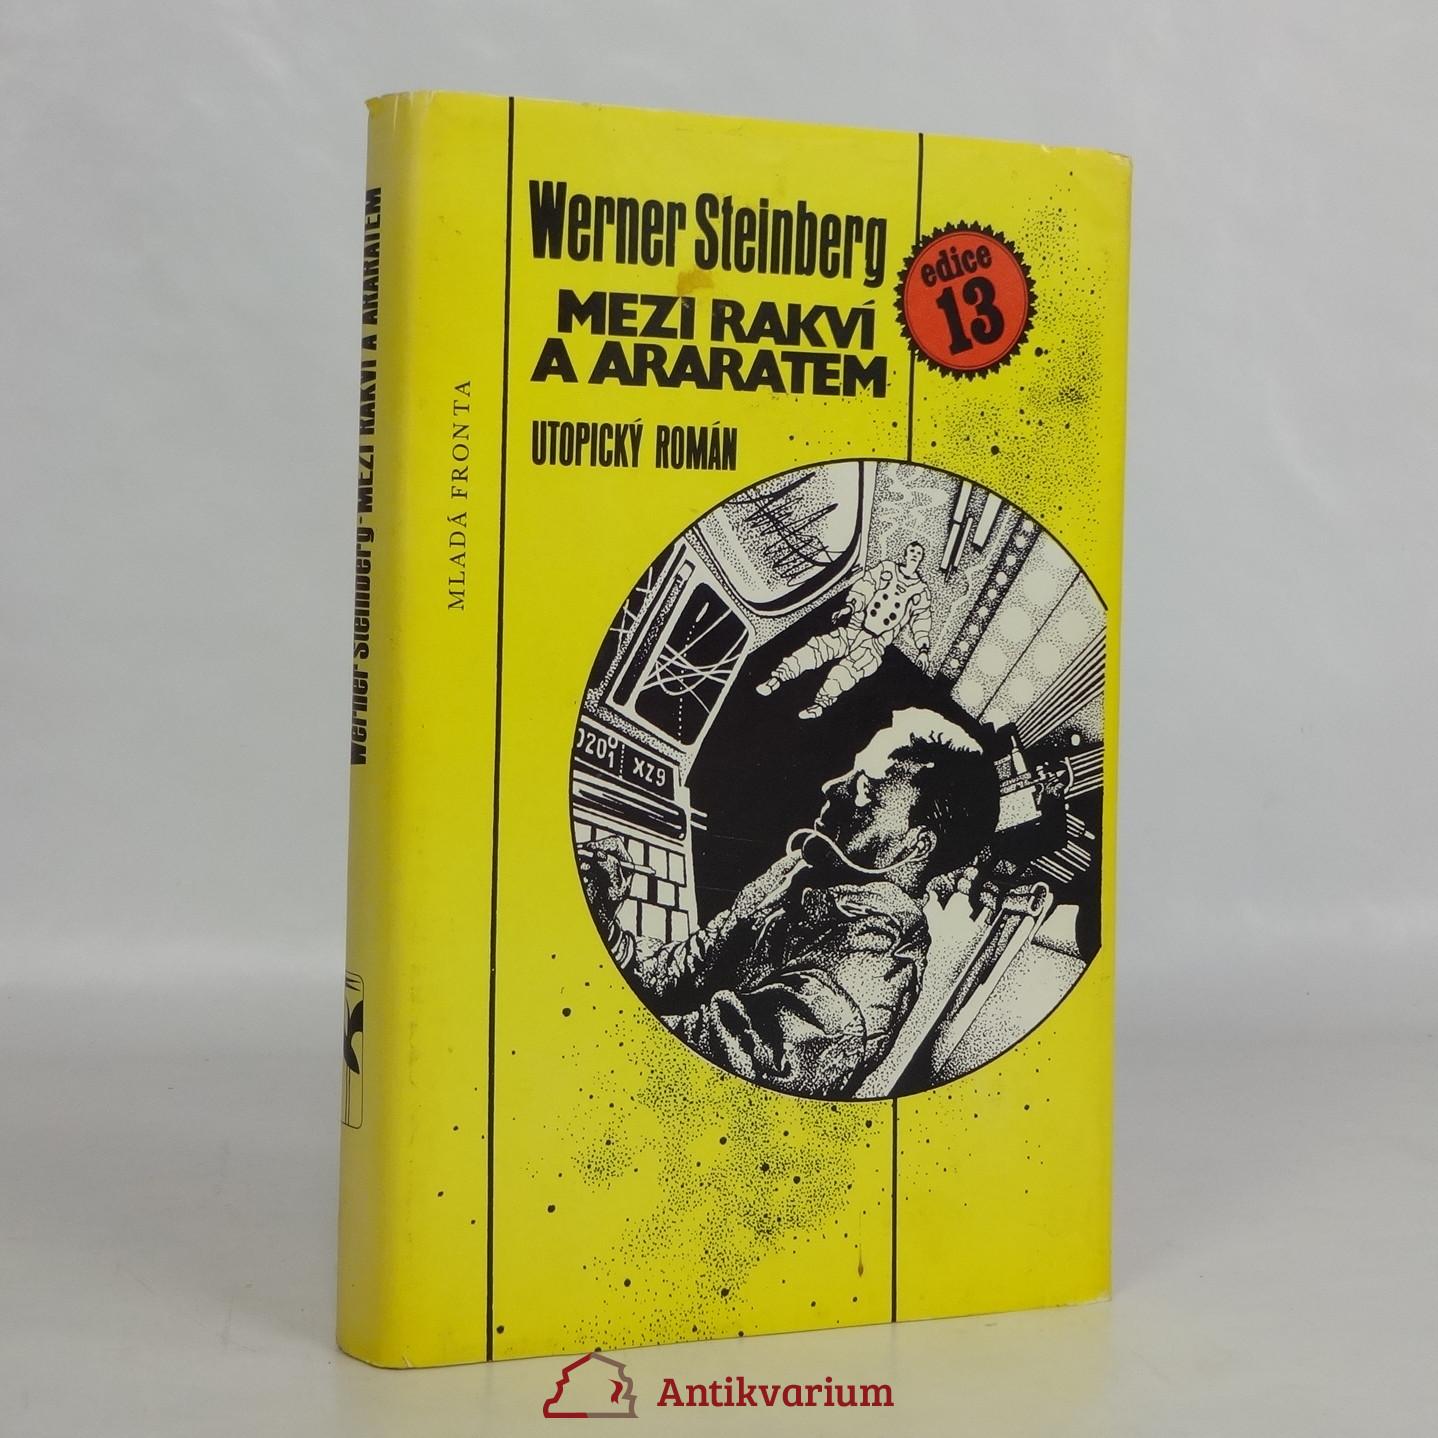 antikvární kniha Mezi rakví a Araratem, 1978